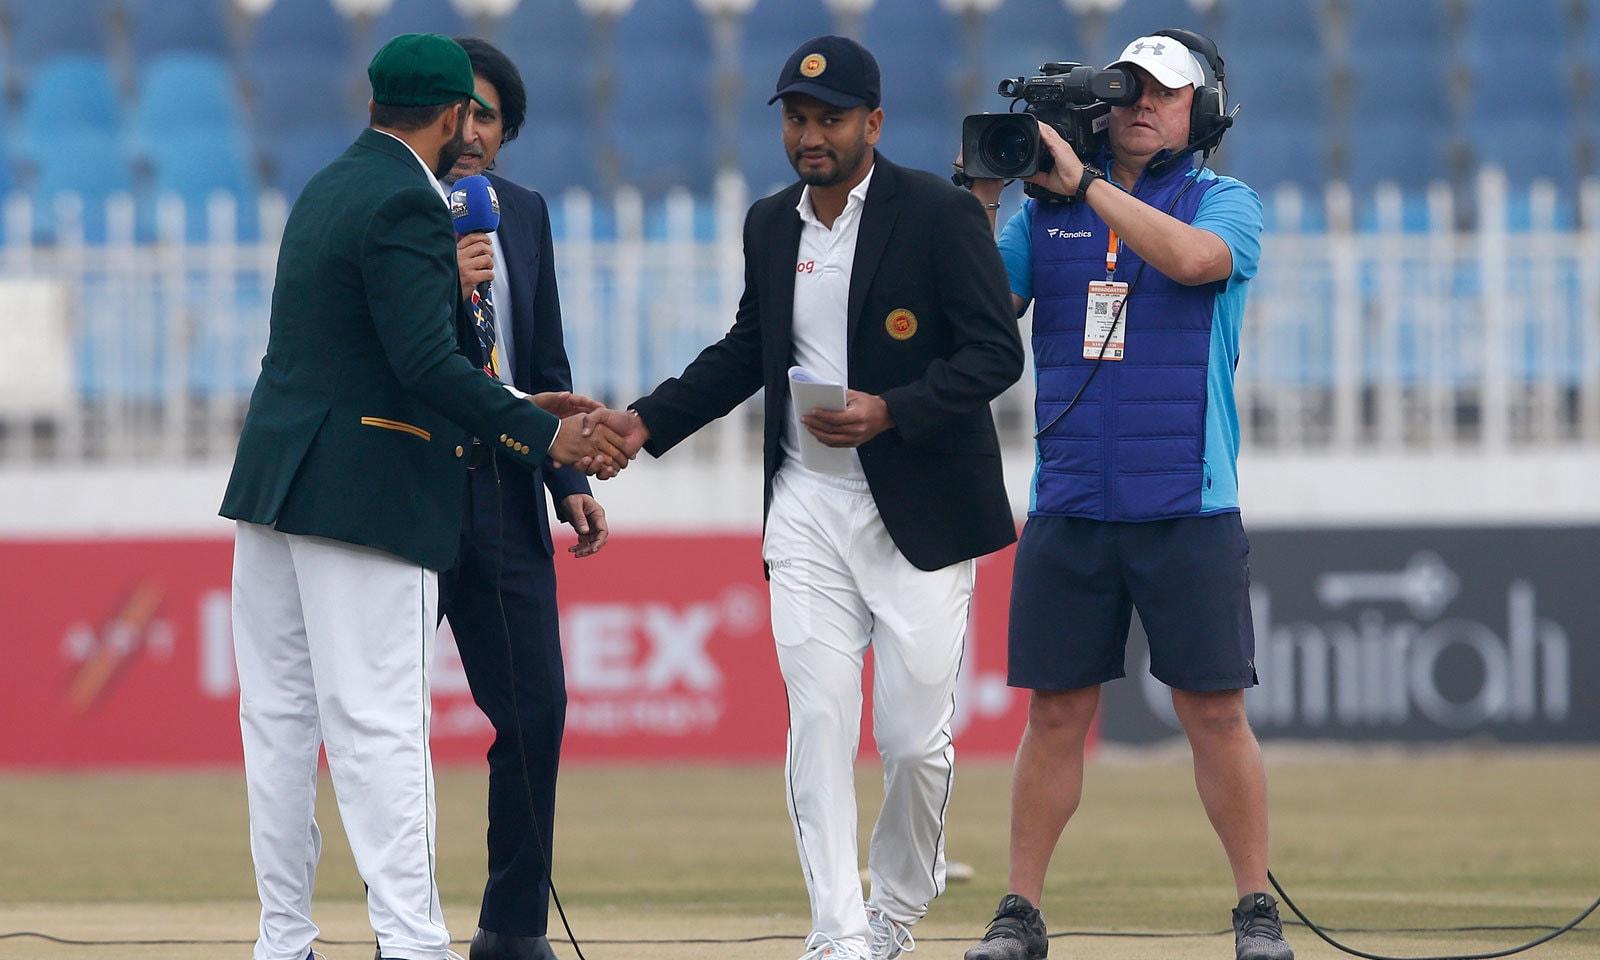 میچ میں ٹاس جیتنے کے بعد سری لنکن کپتان اپنے پاکستانی ہم منصب اظہر علی سے مصافحہ کر رہے ہیں— فوٹو: اے پی